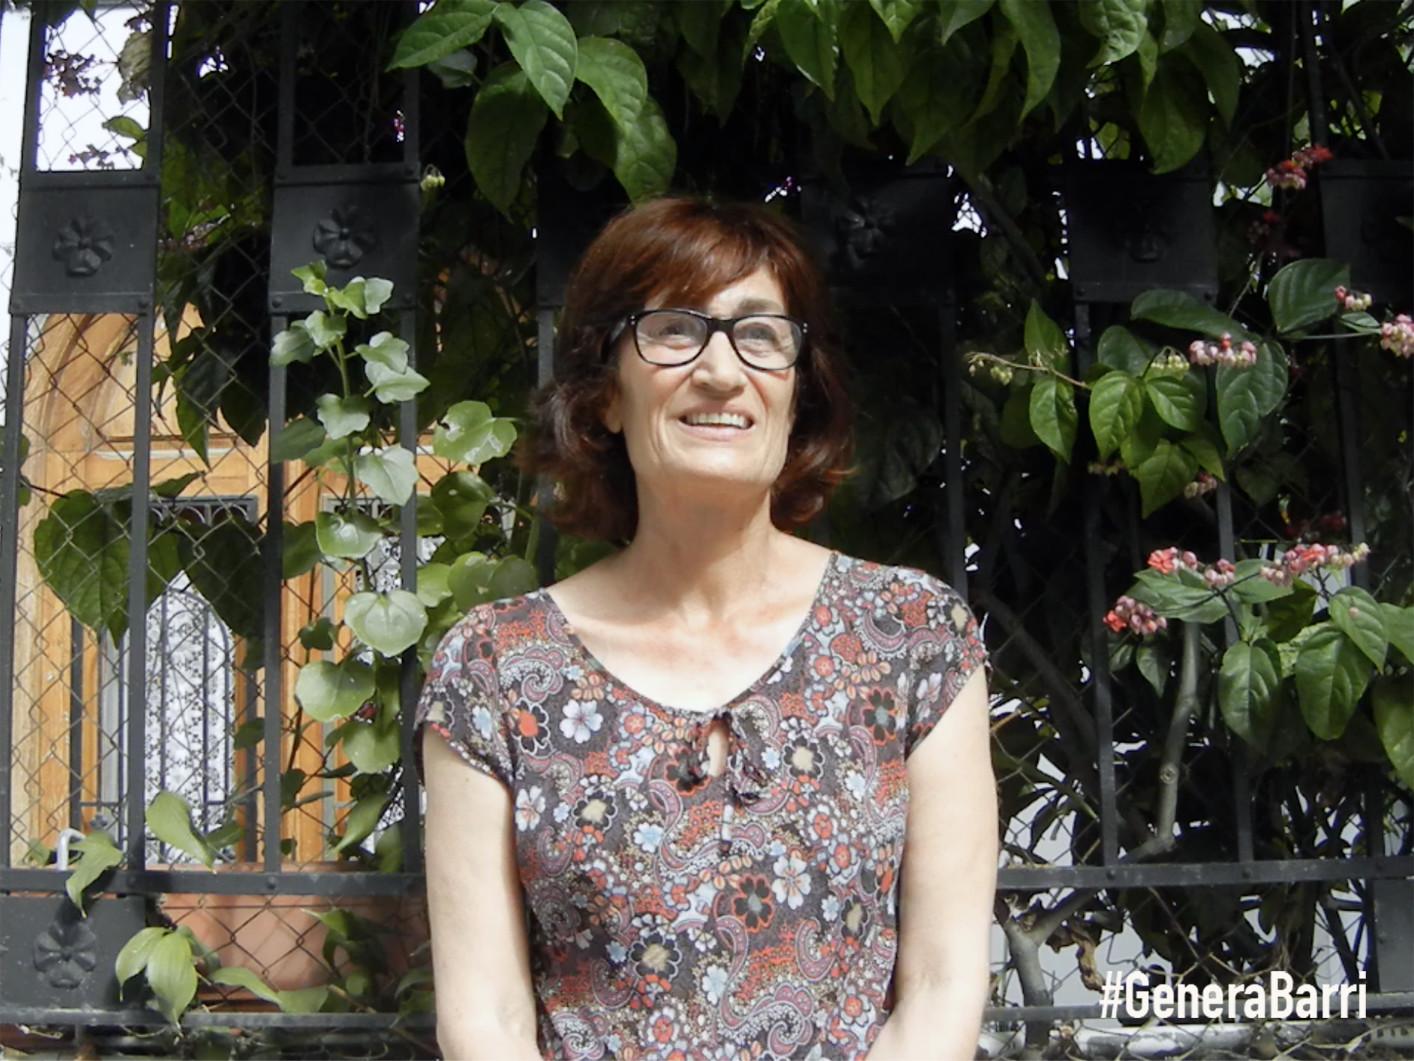 MARIA. Microentrevista en fachada calle Folch de Cardona